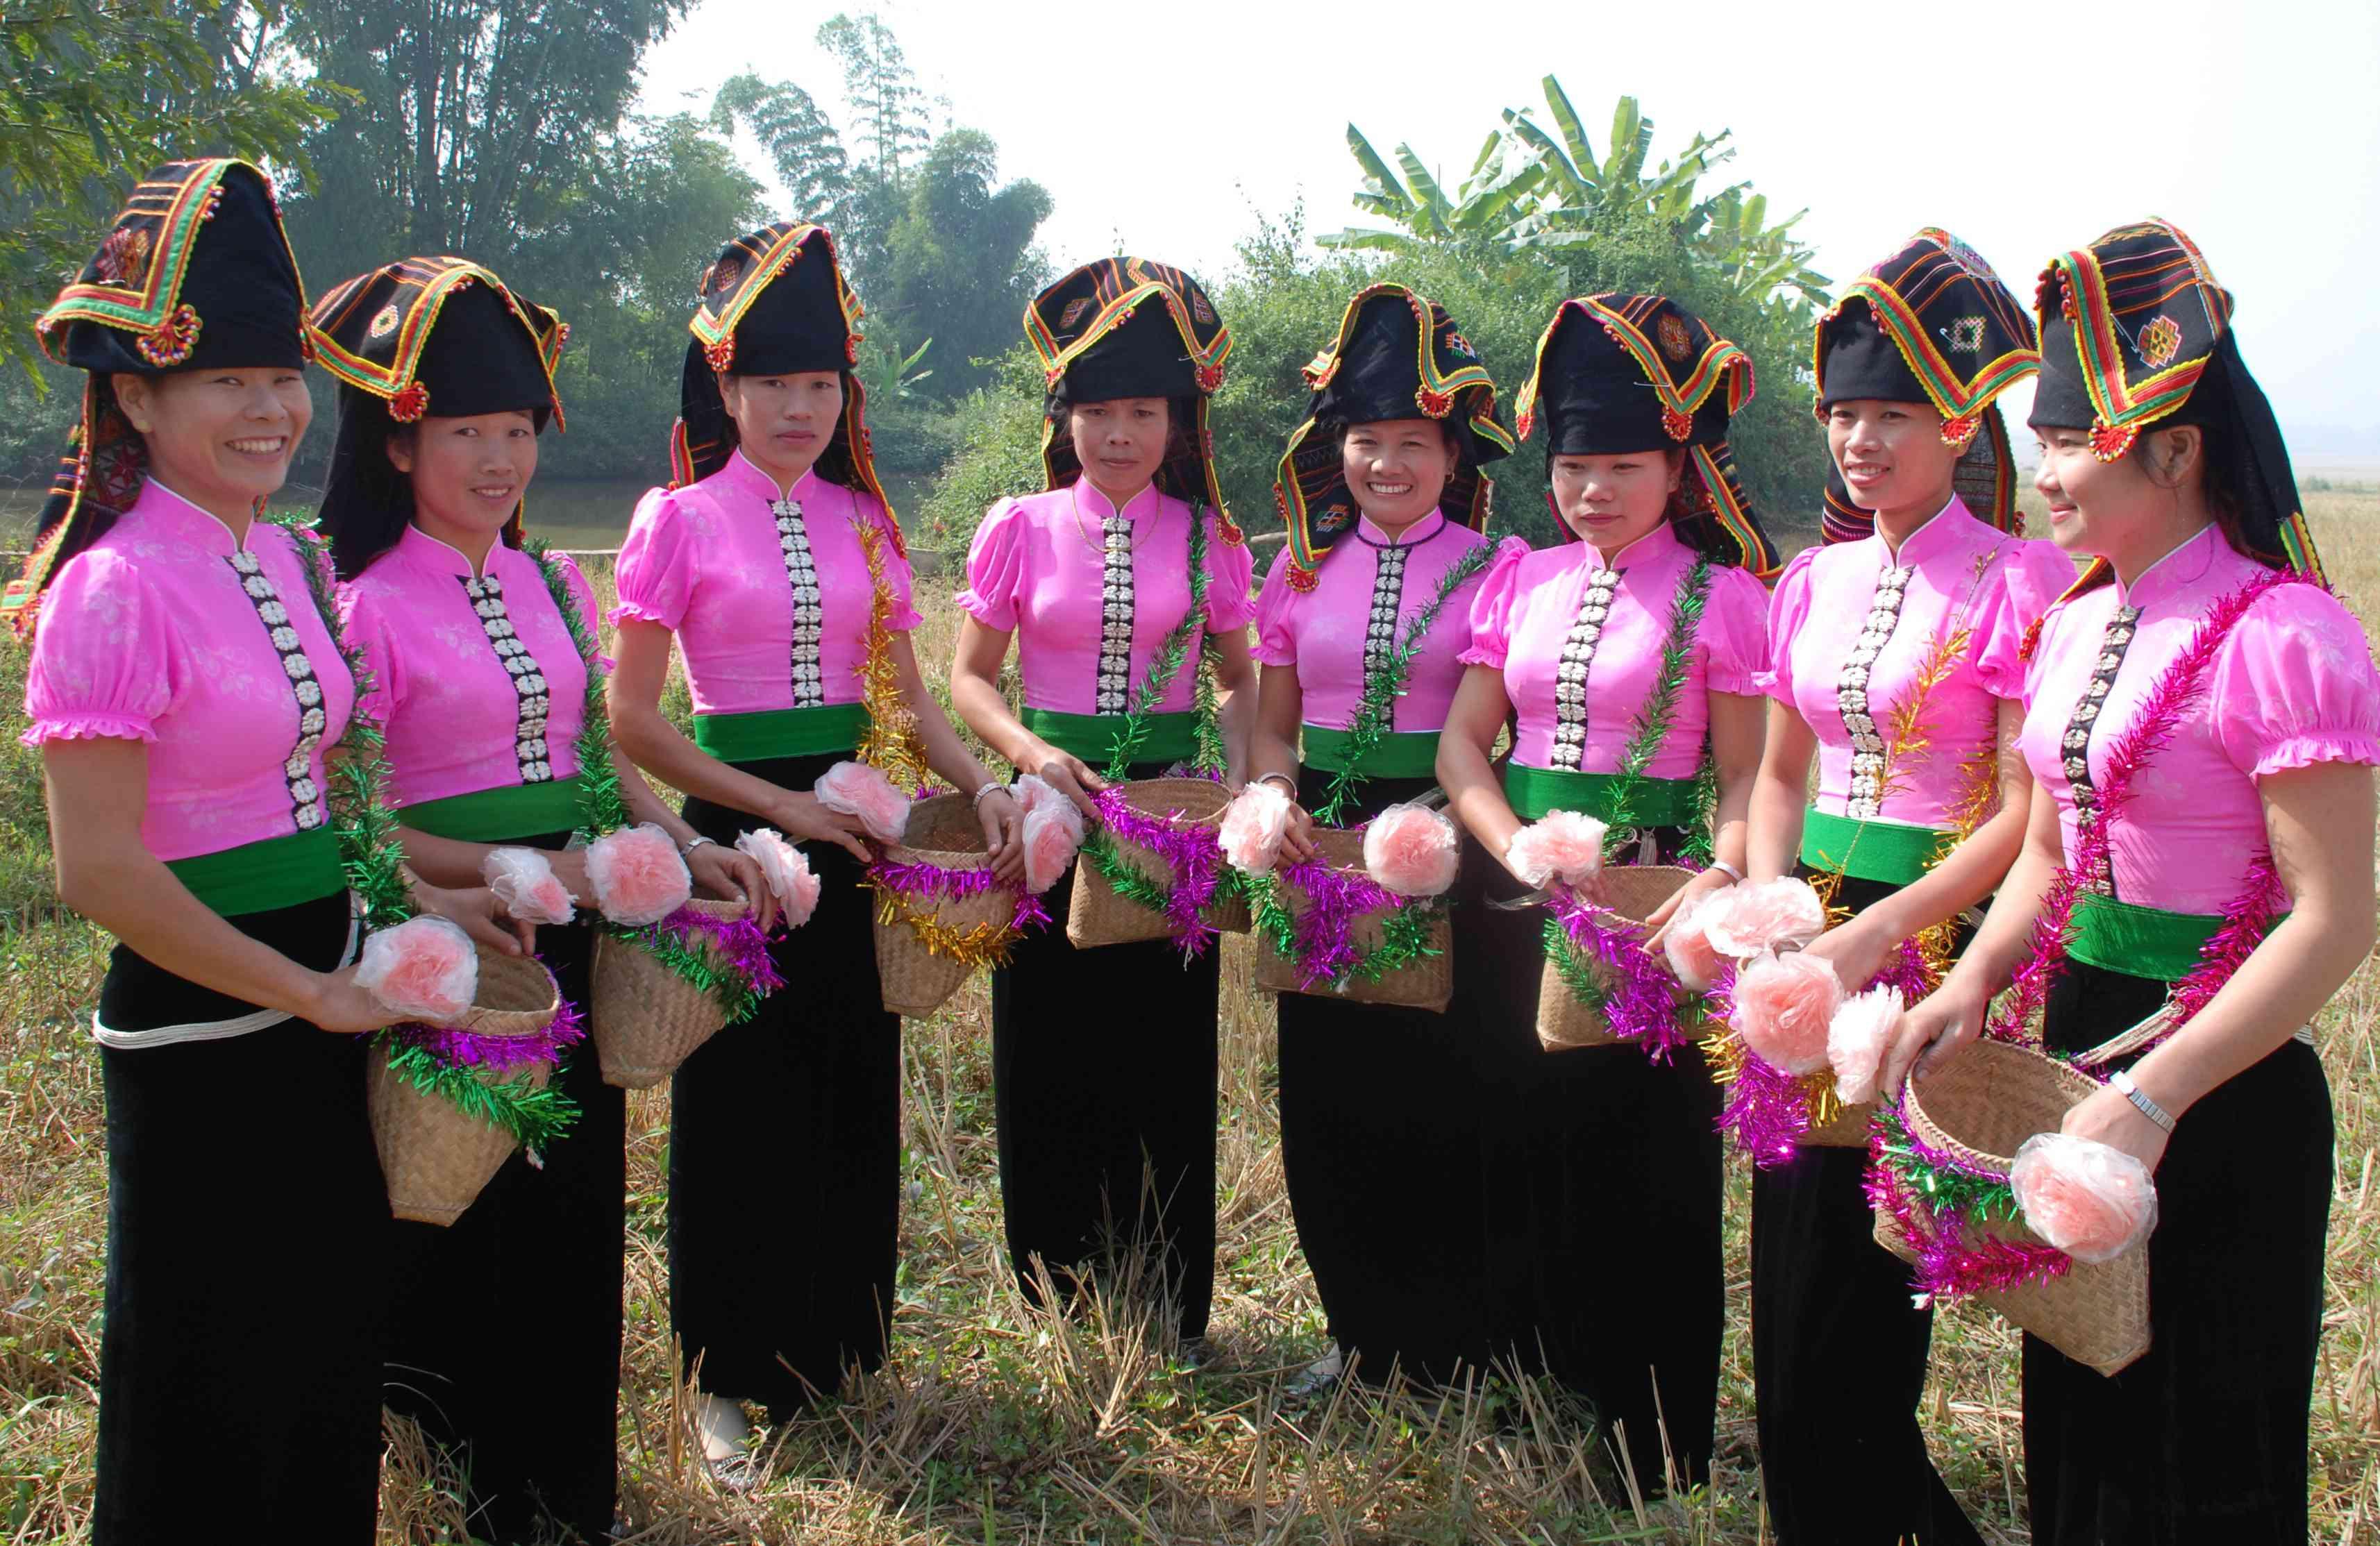 Đội văn nghệ tại các bản du lịch văn hóa cộng đồng ở Điện Biên đã góp phần gìn giữ bản sắc văn hóa truyền thống (Ảnh: NQ)